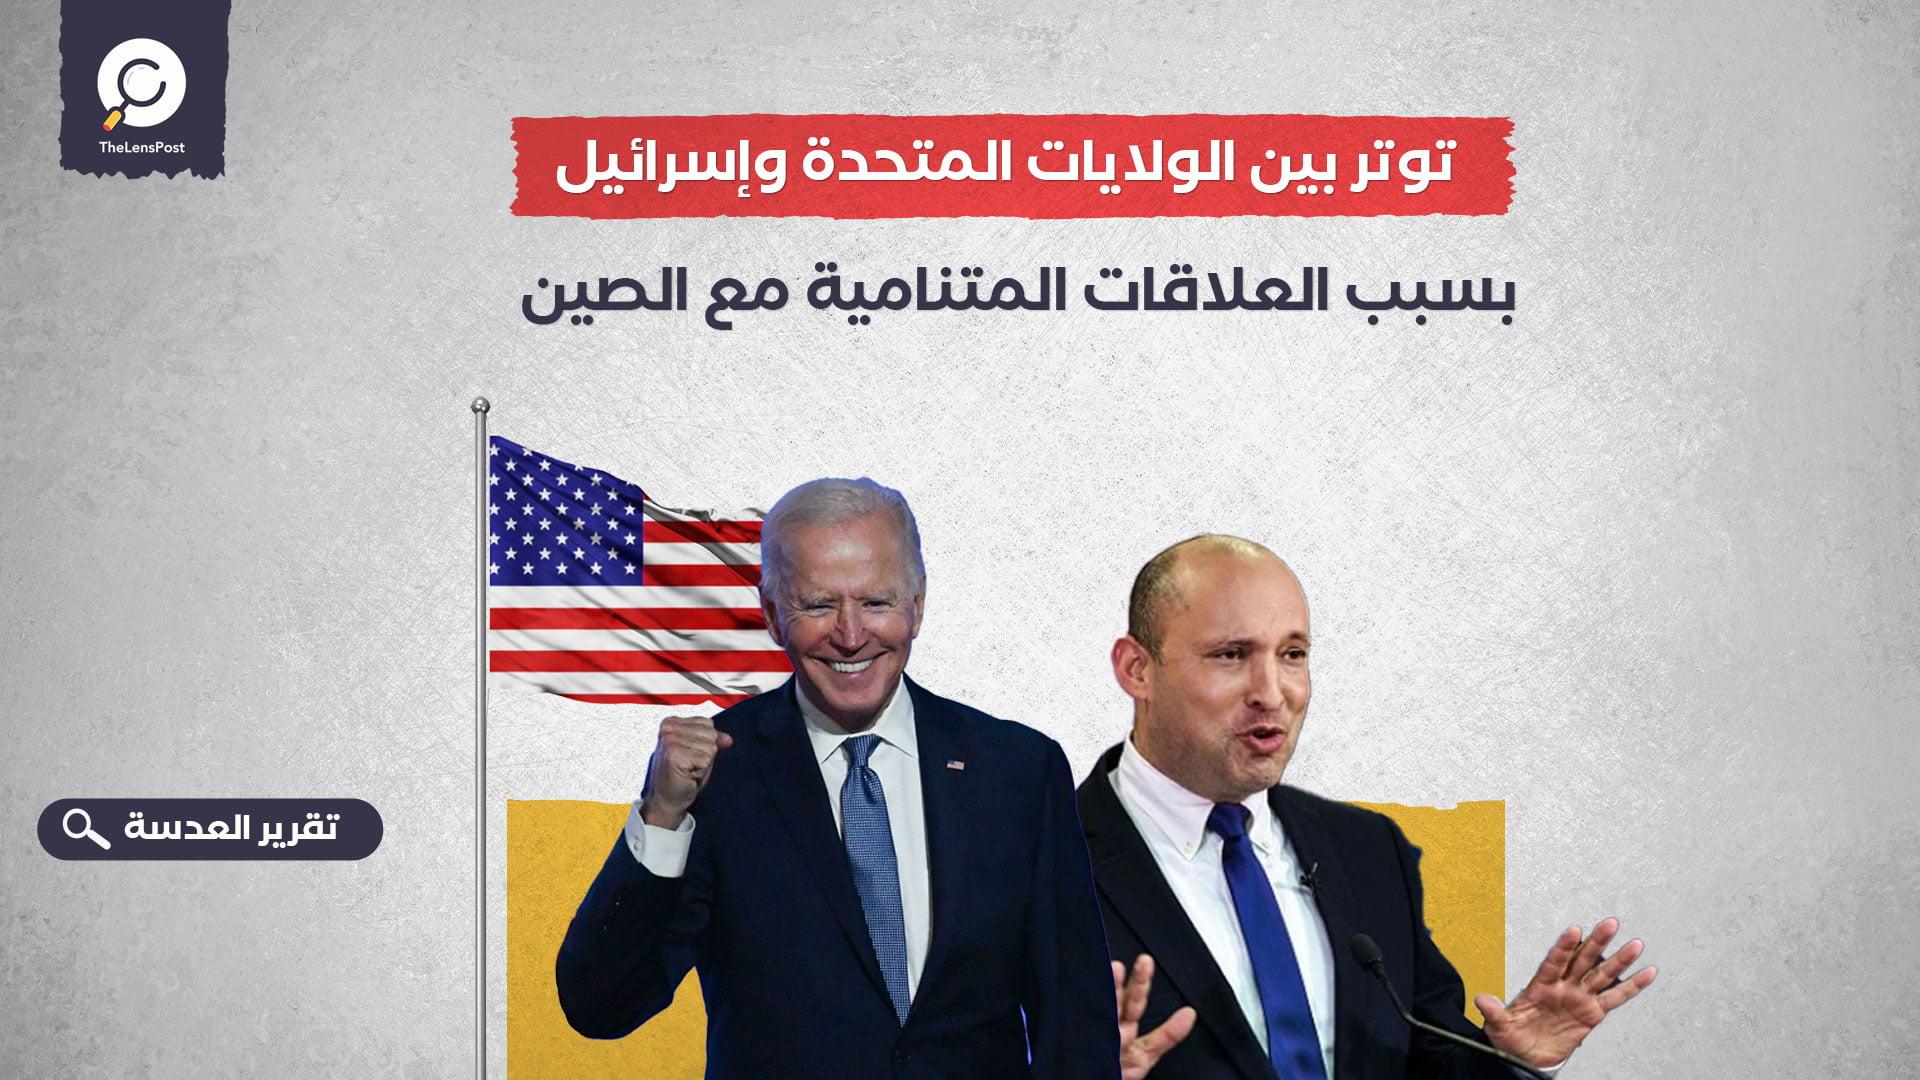 توتر بين الولايات المتحدة وإسرائيل بسبب العلاقات المتنامية مع الصين